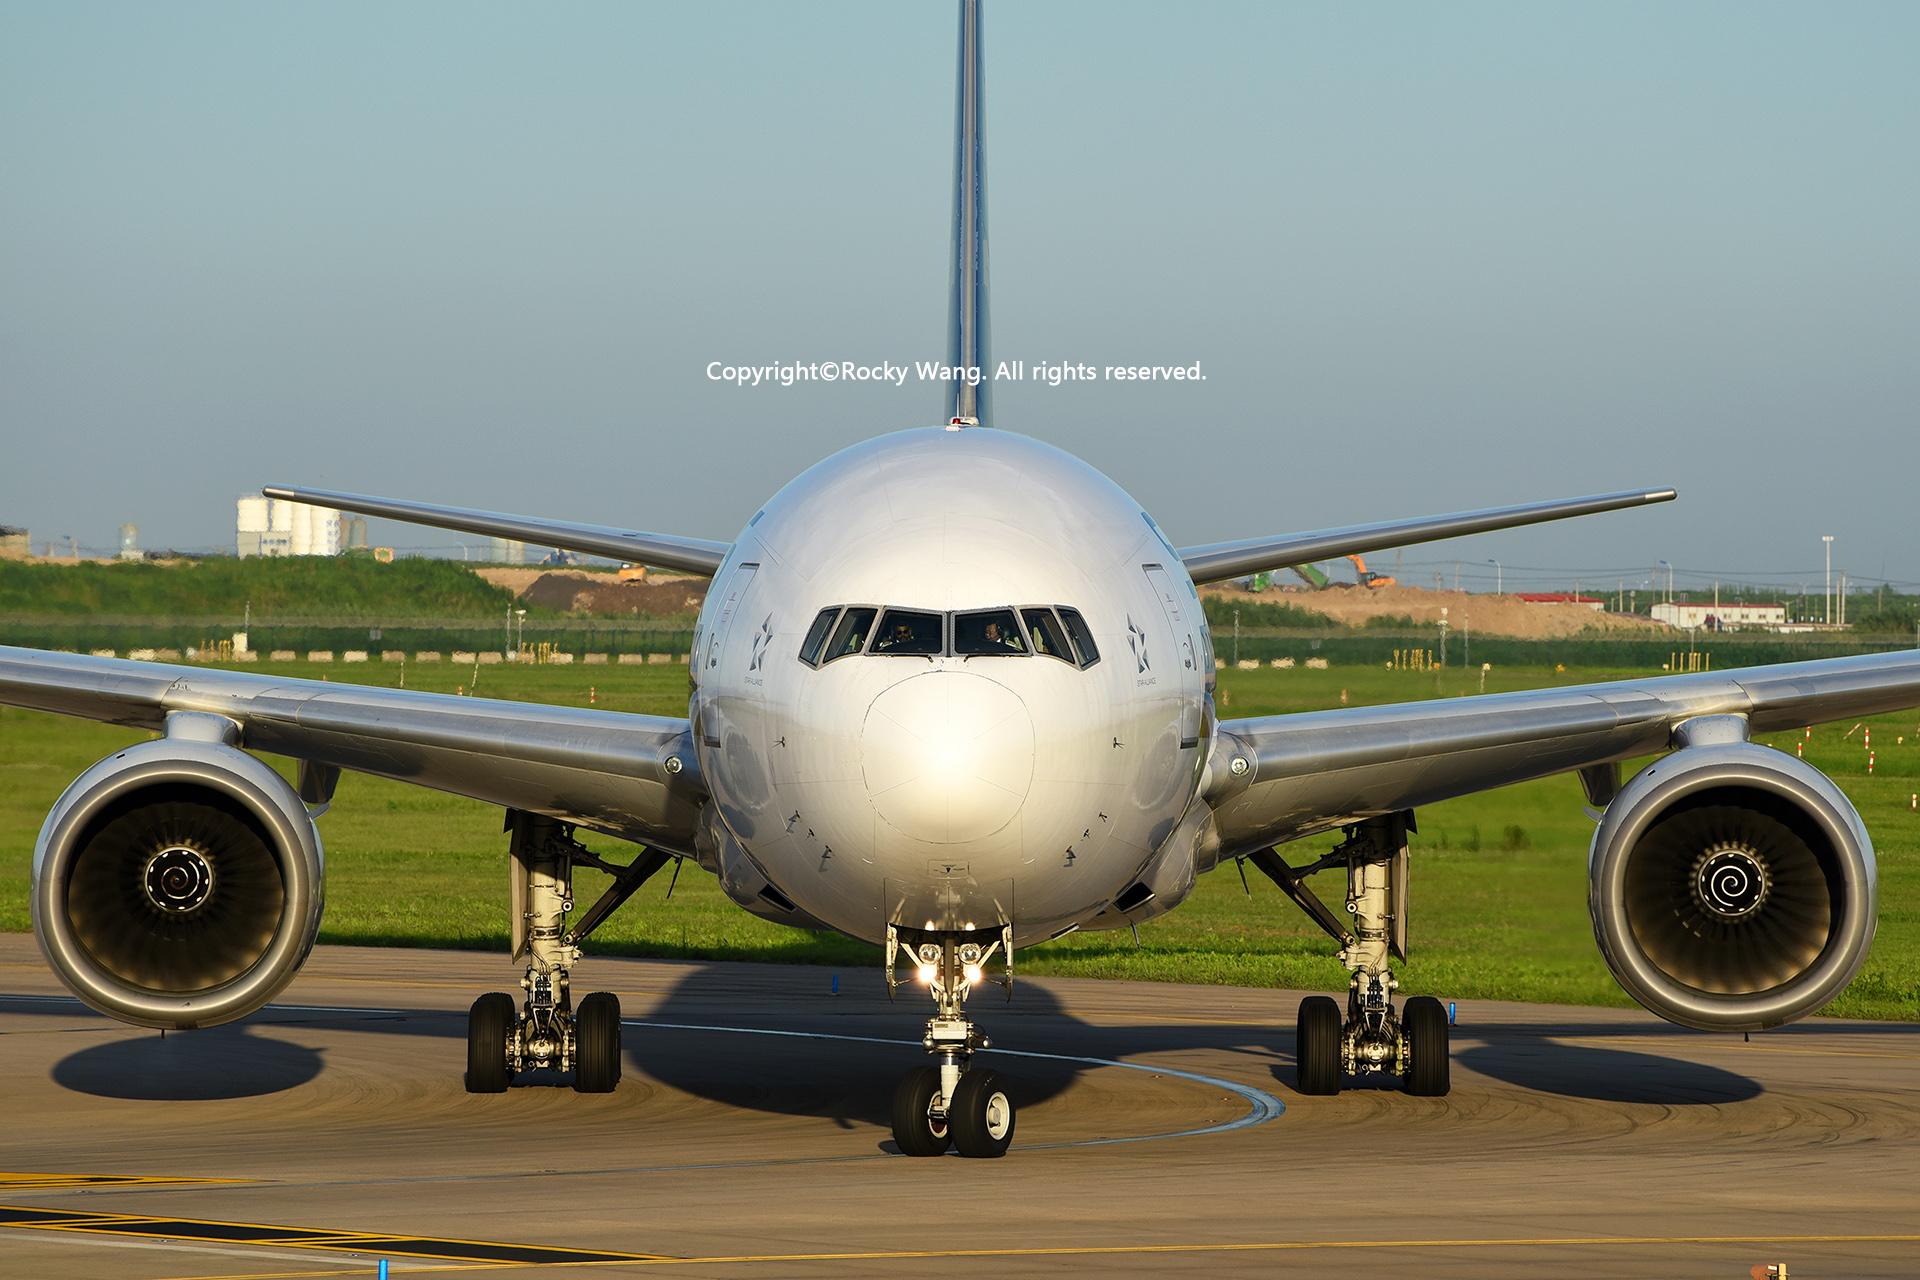 Re:[原创]盗图就别狂 发组表情自己体会 BOEING 777-212(ER) 9V-SRQ Shanghai Pudong